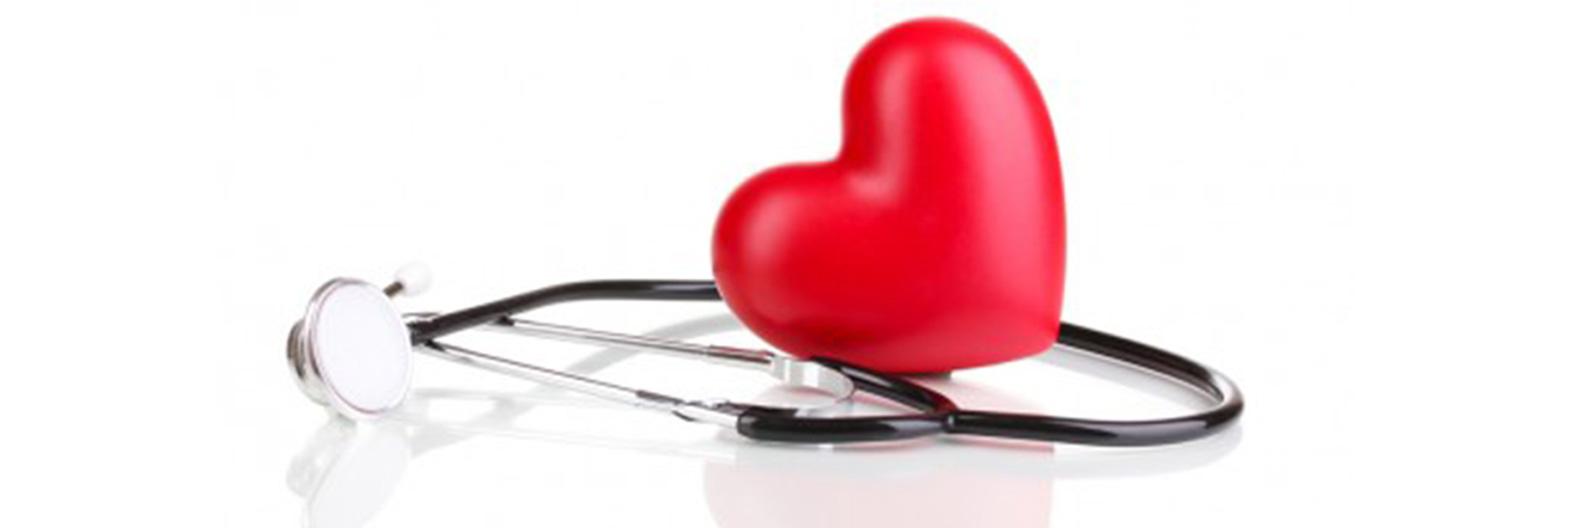 kokie yra hipertenzijos tipai širdies sveikatos dietos septintosios dienos adventistas